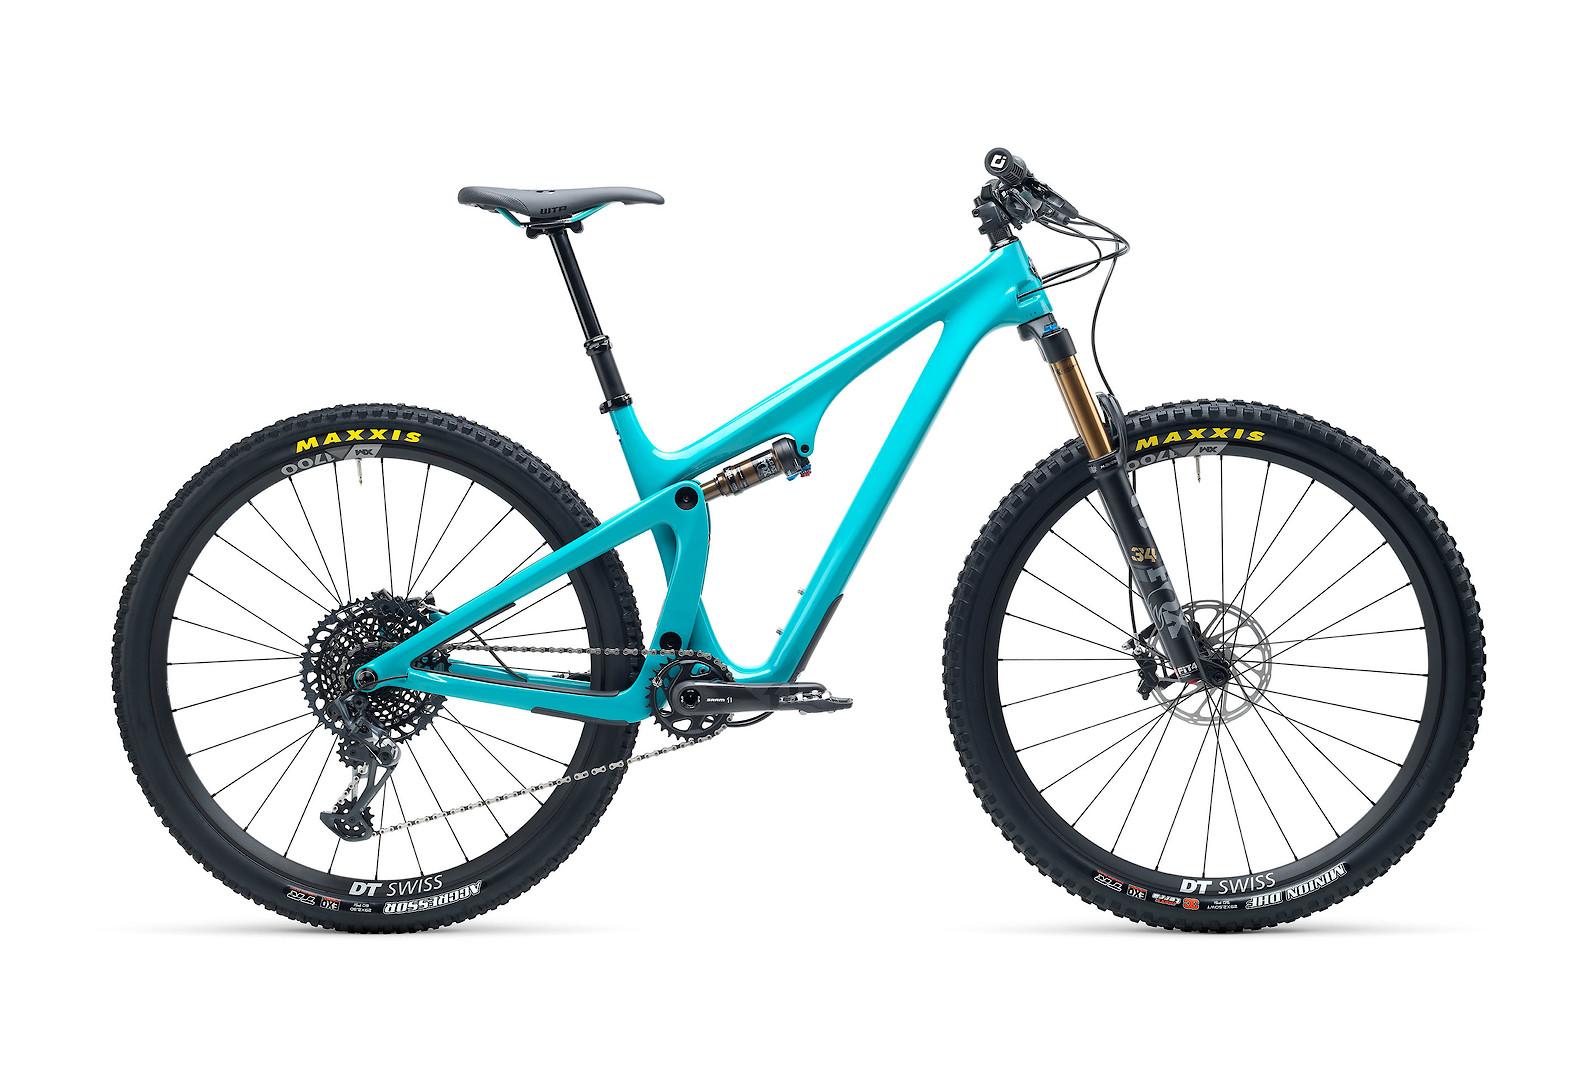 2021 Yeti SB115 – Turq (T2 build)